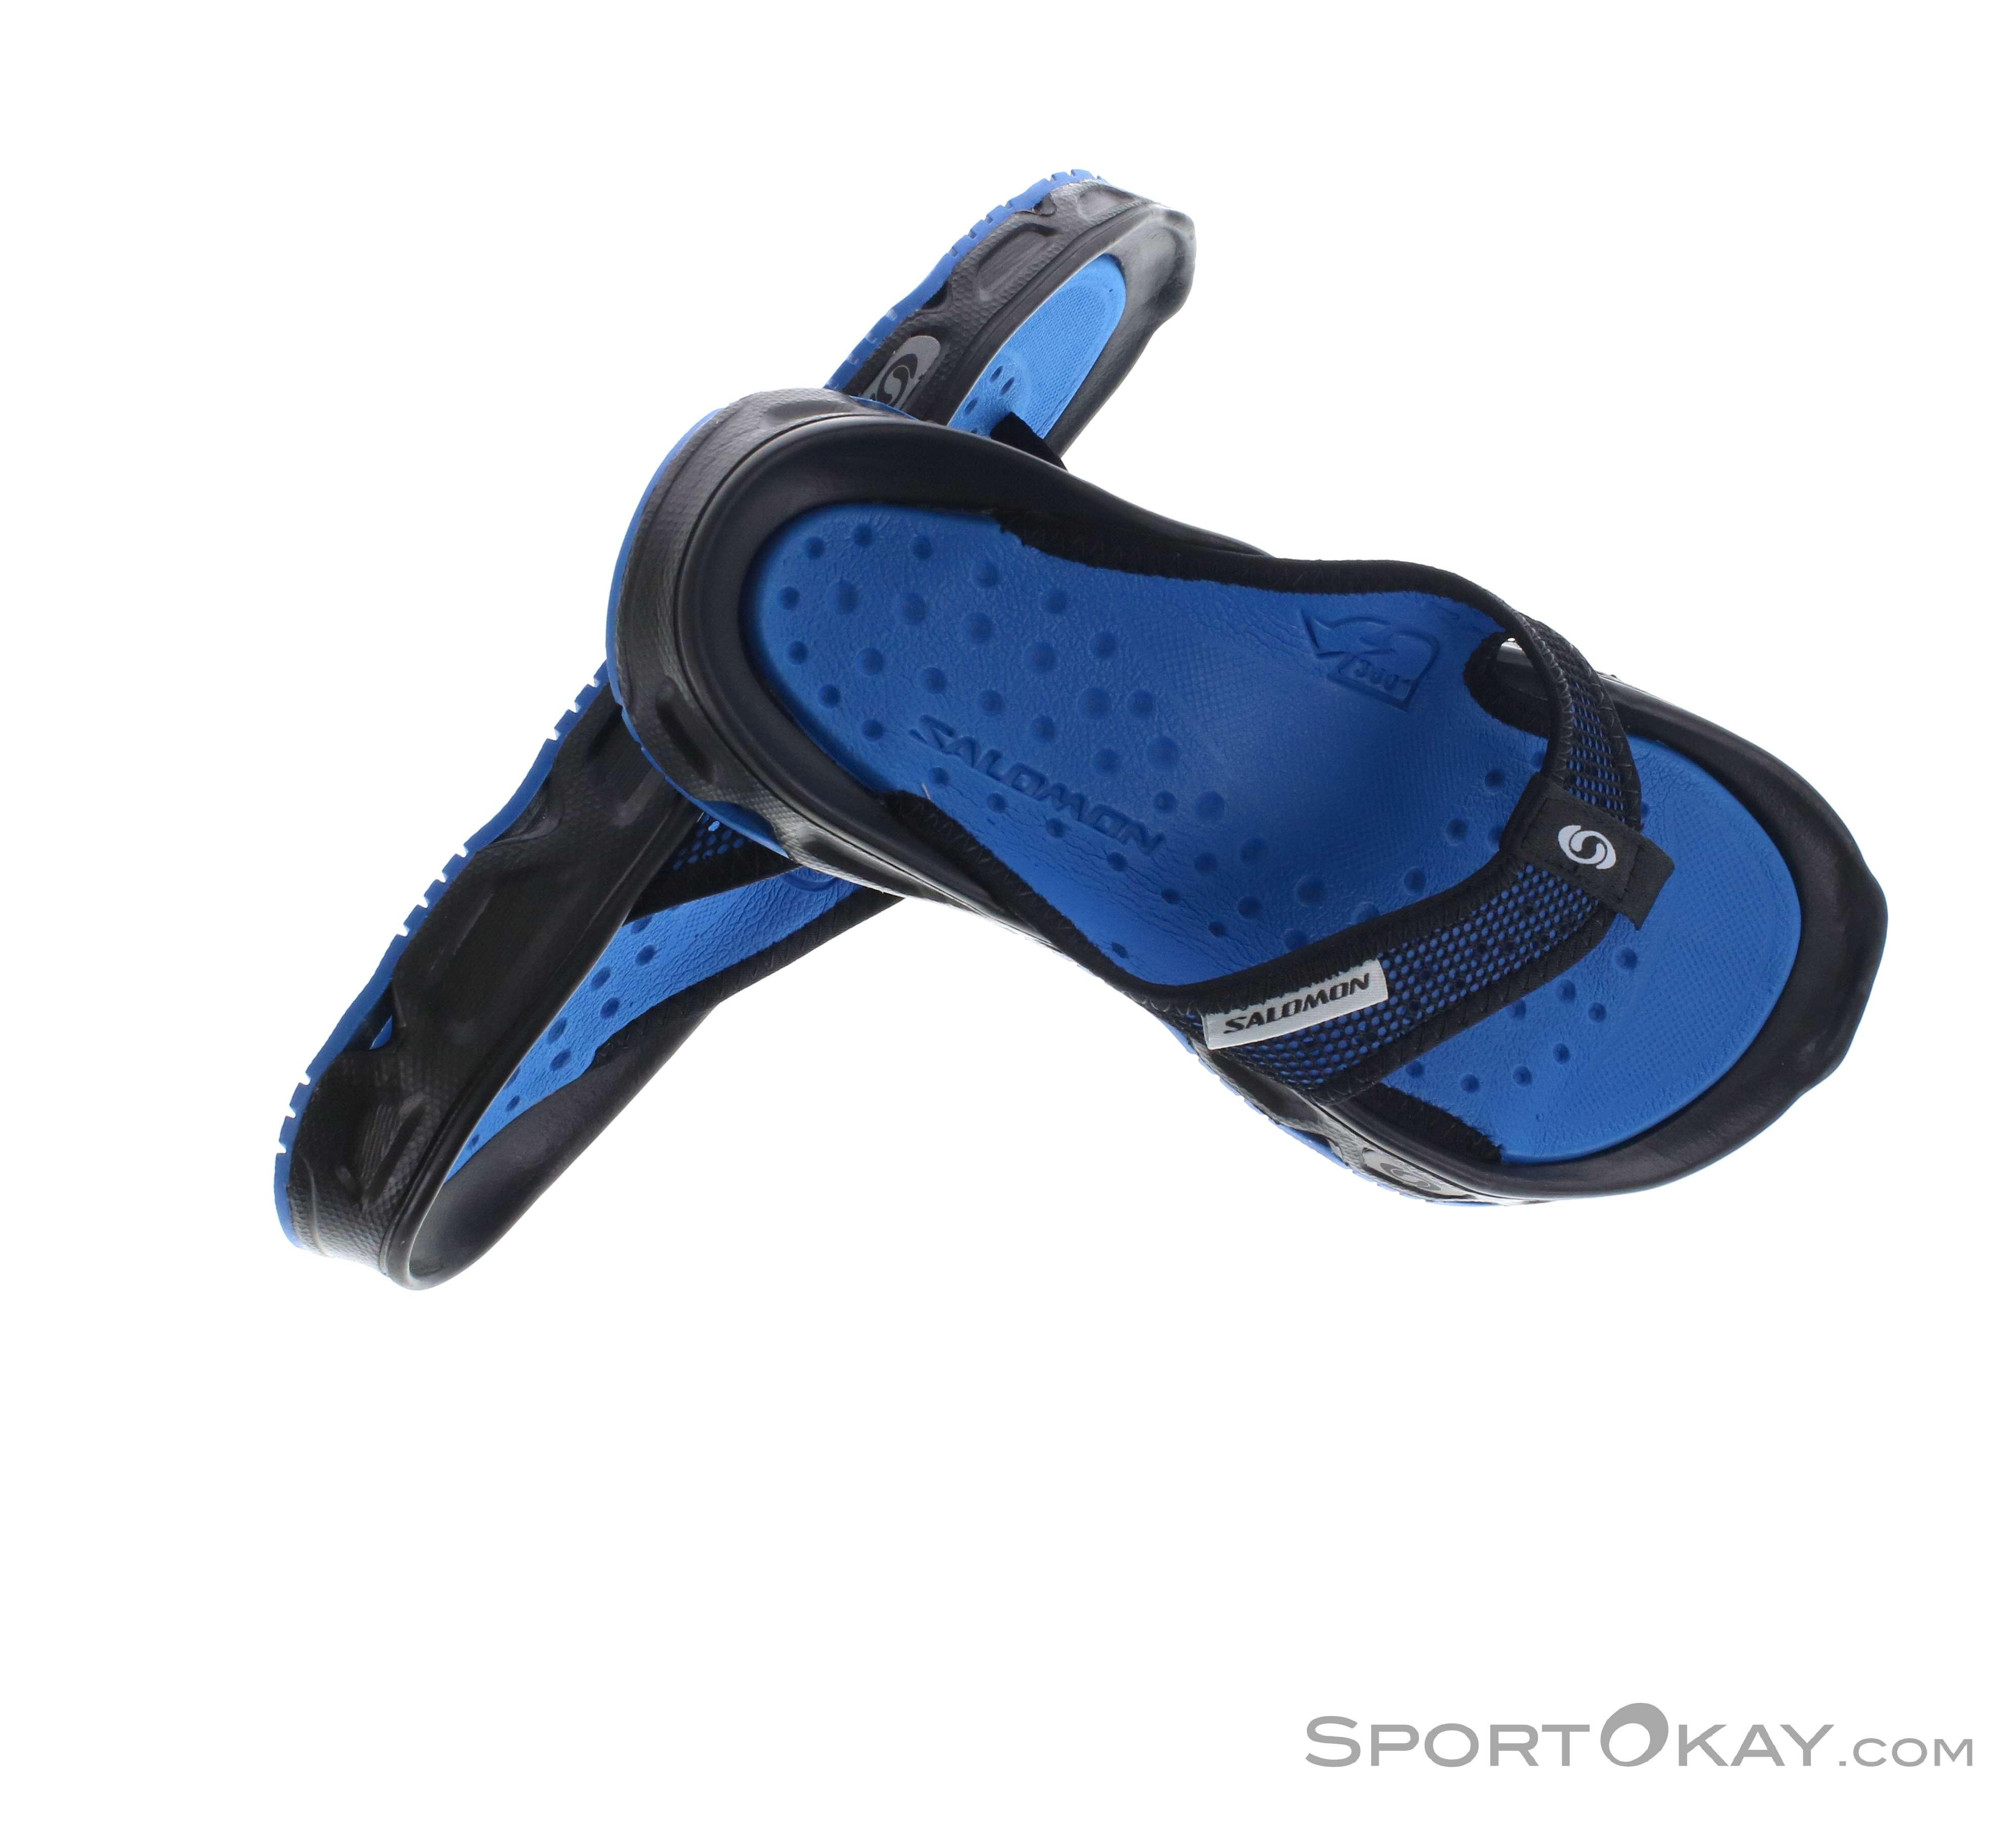 736cd951530b9c Salomon RX Break Mens Leisure Sandals - Leisure Shoes - Shoes ...